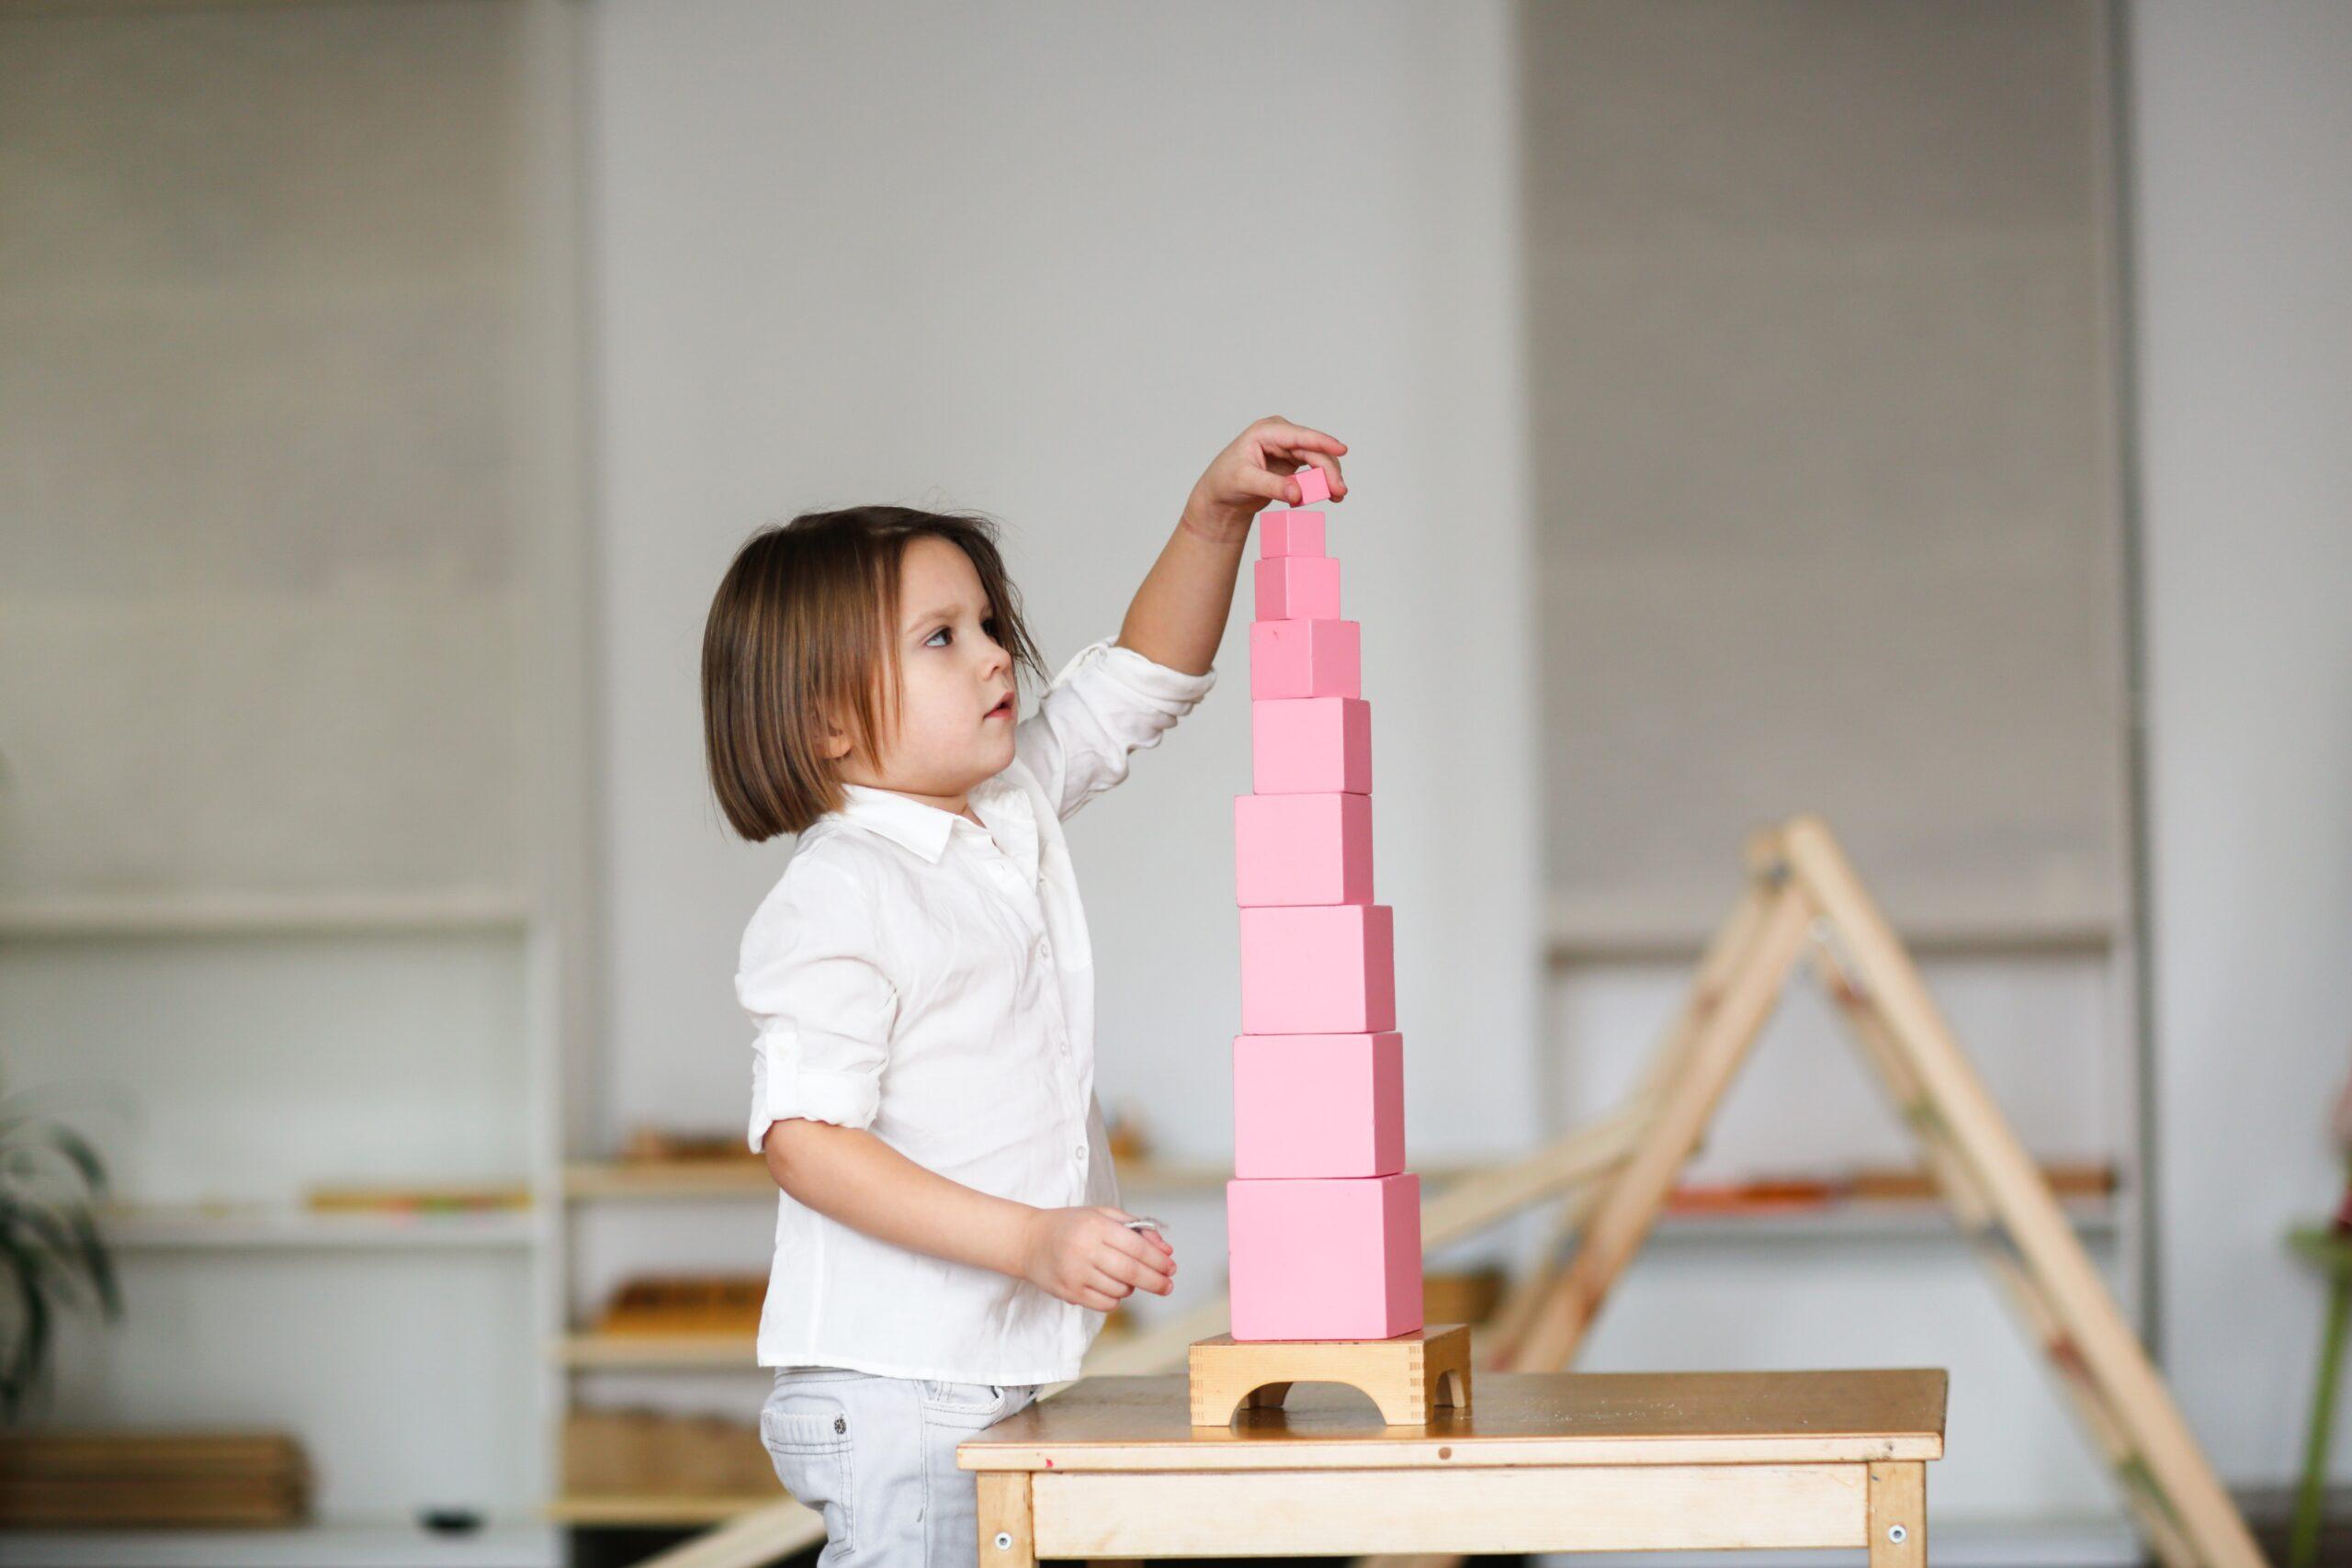 niña con torre rosa montessori